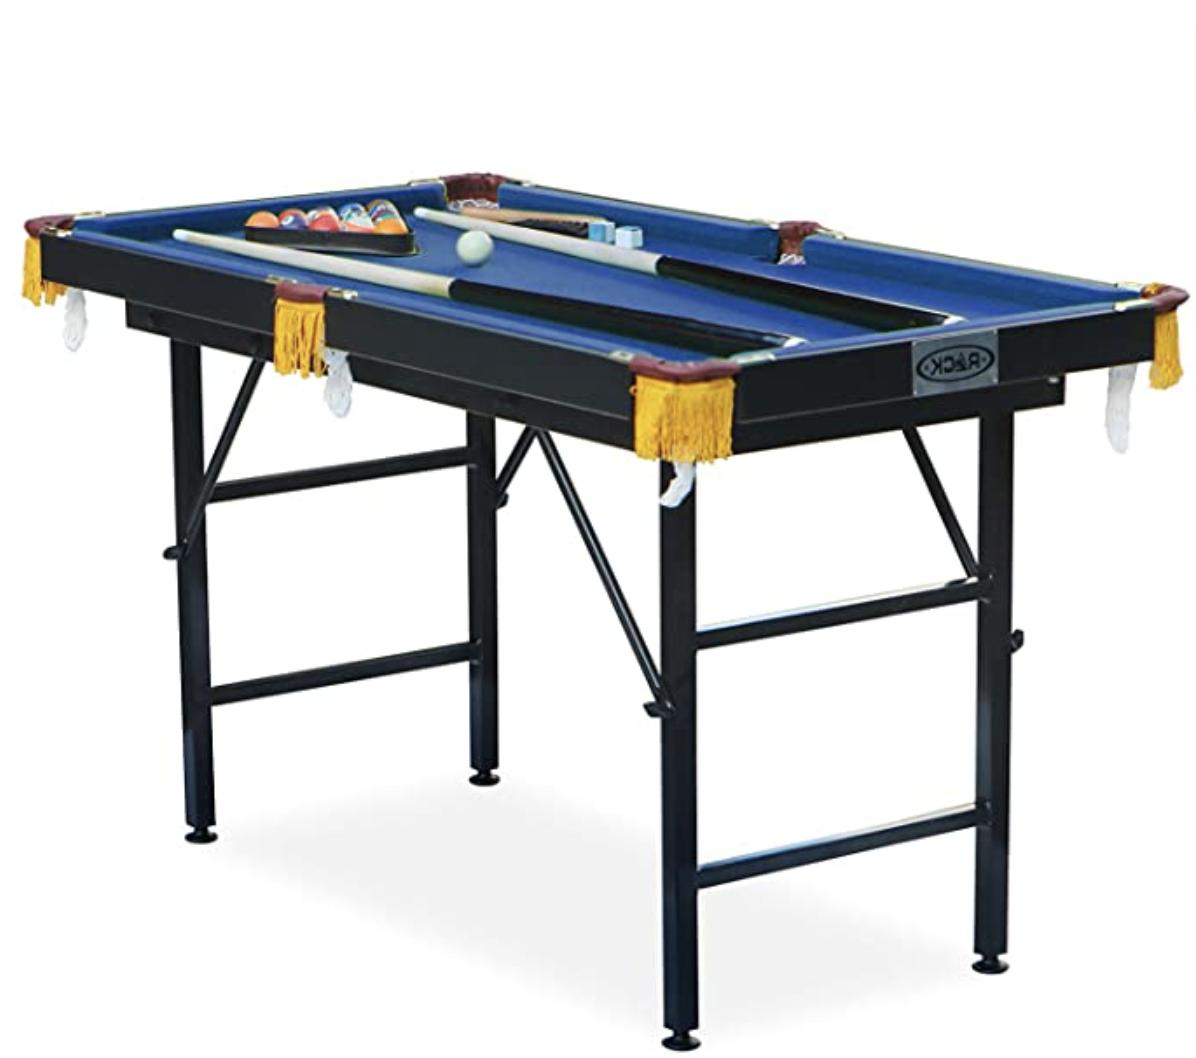 leo 4 foot foldable billiard pool table